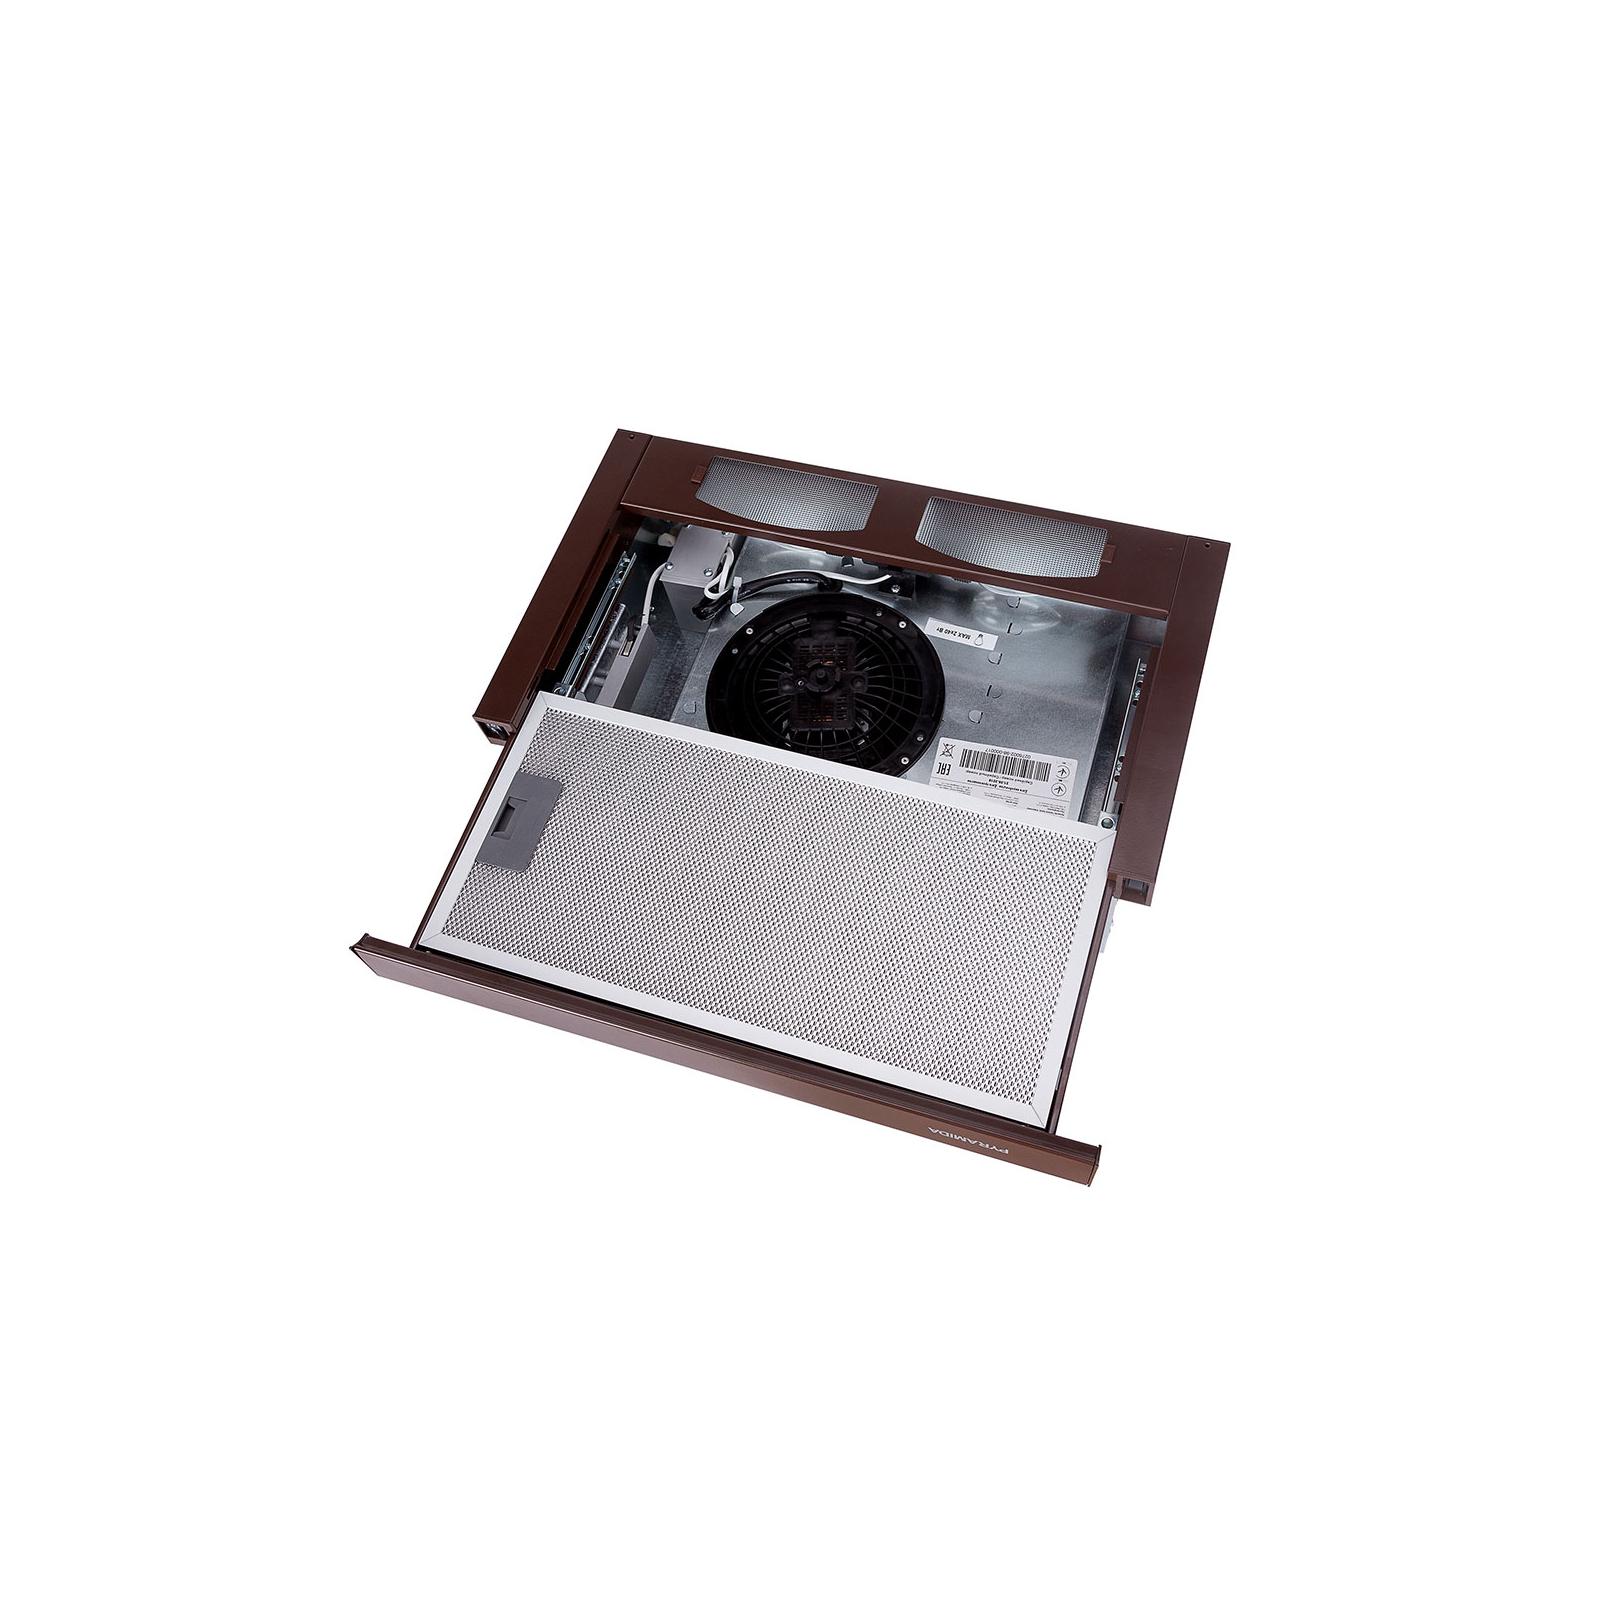 Вытяжка кухонная Pyramida TL 50 SLIM IX изображение 8